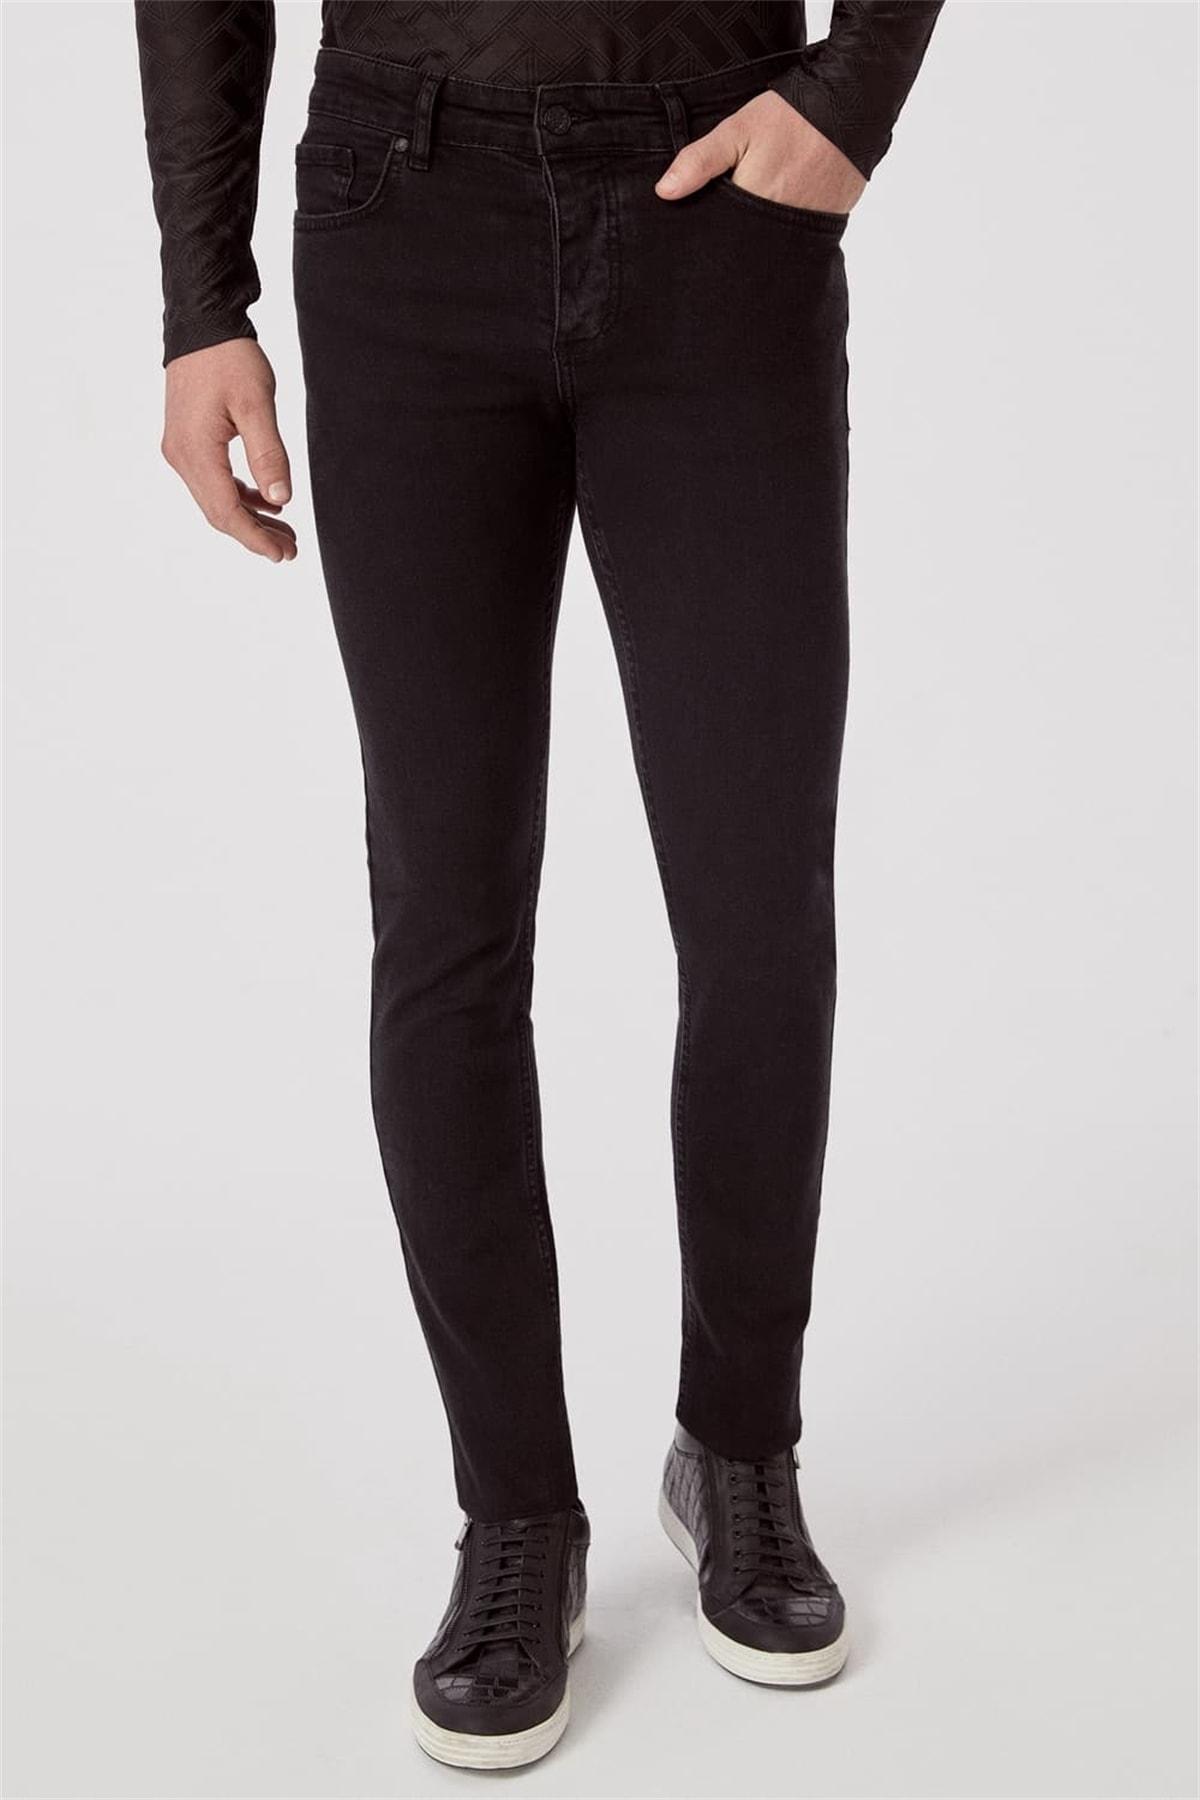 Efor 065 Slim Fit Siyah Jean Pantolon